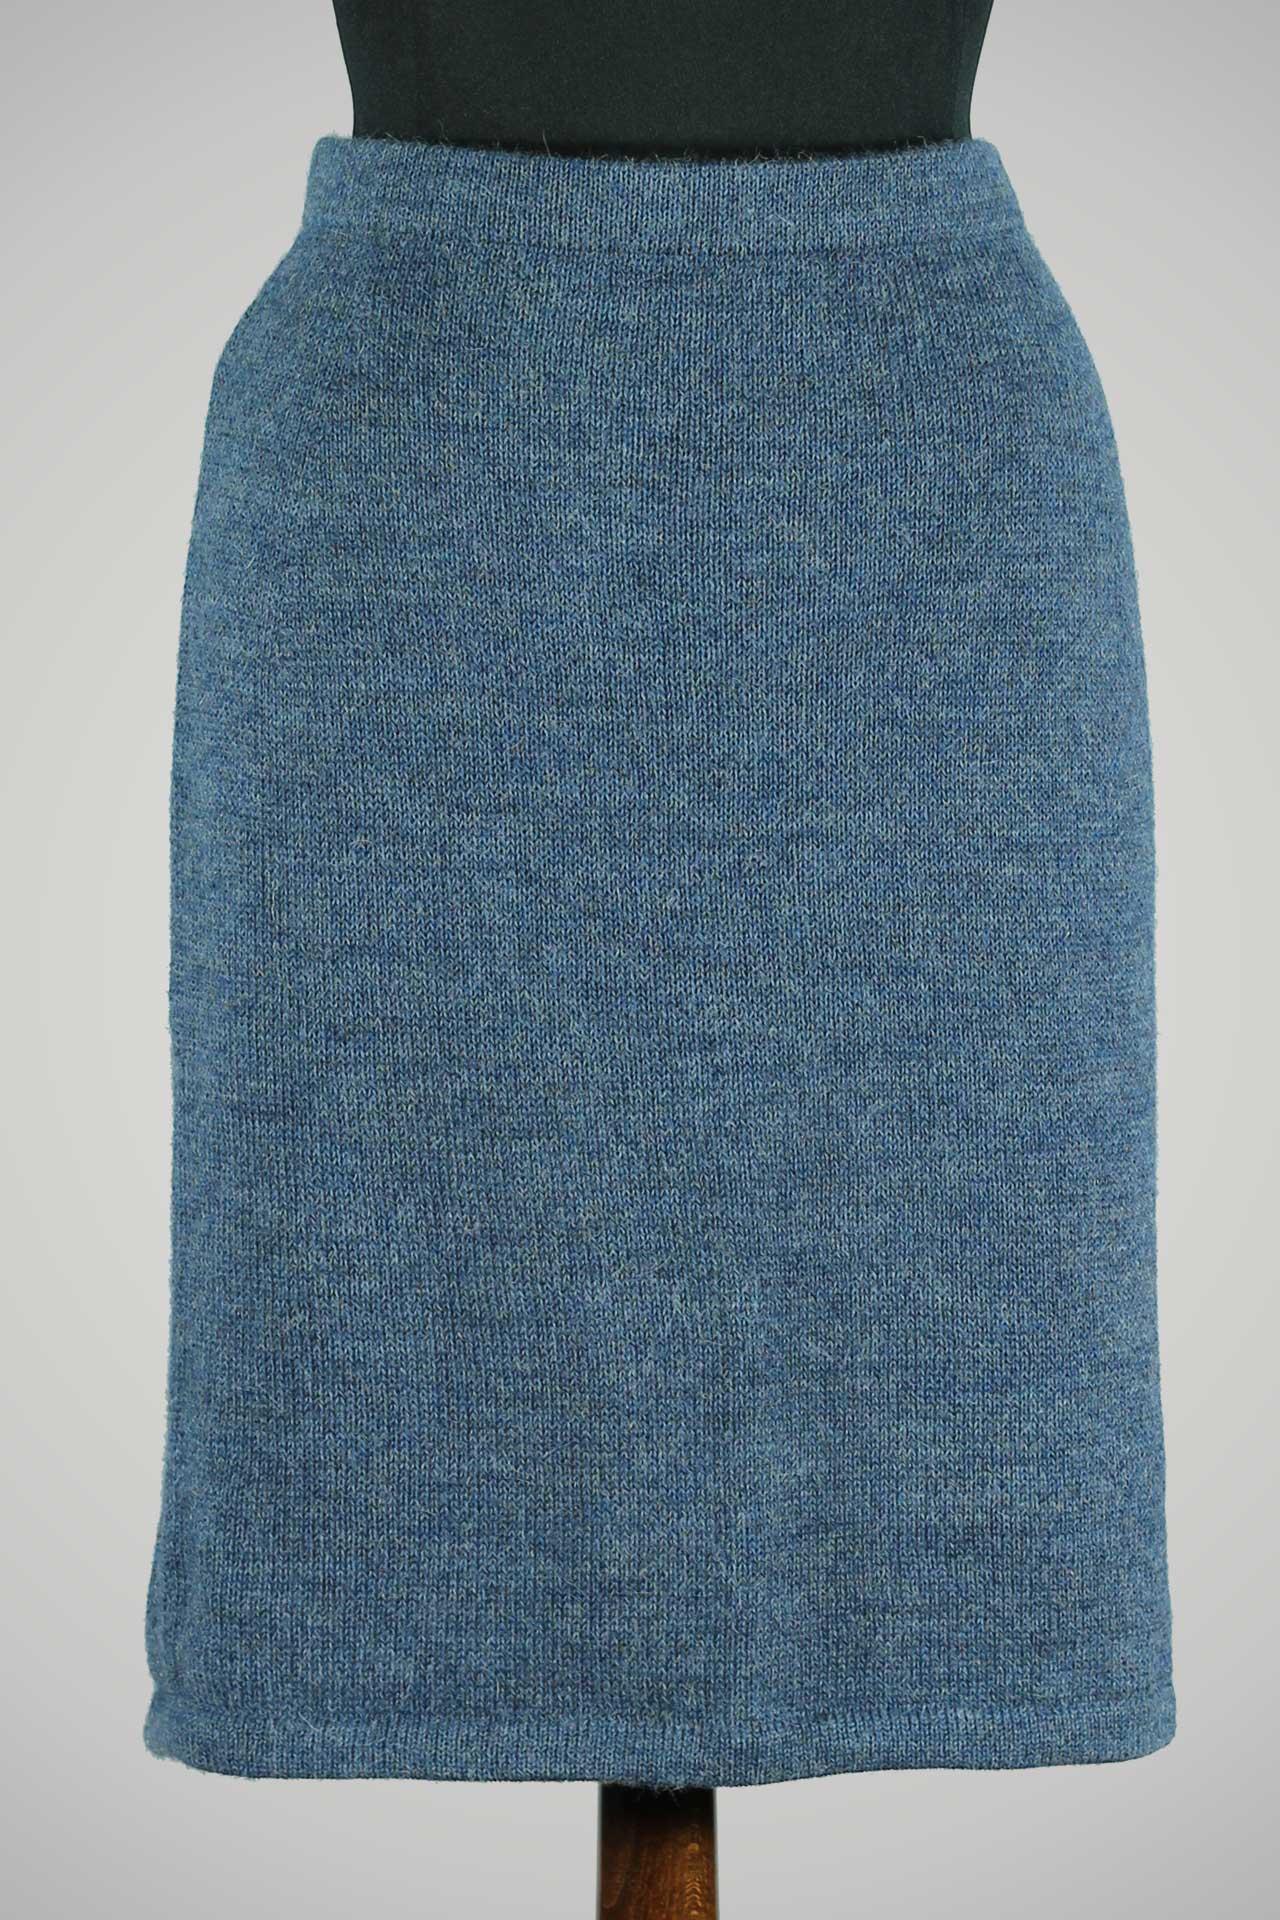 Alpaca-wollen-rok-gebreid-denim-blauw-duurzaam-warm